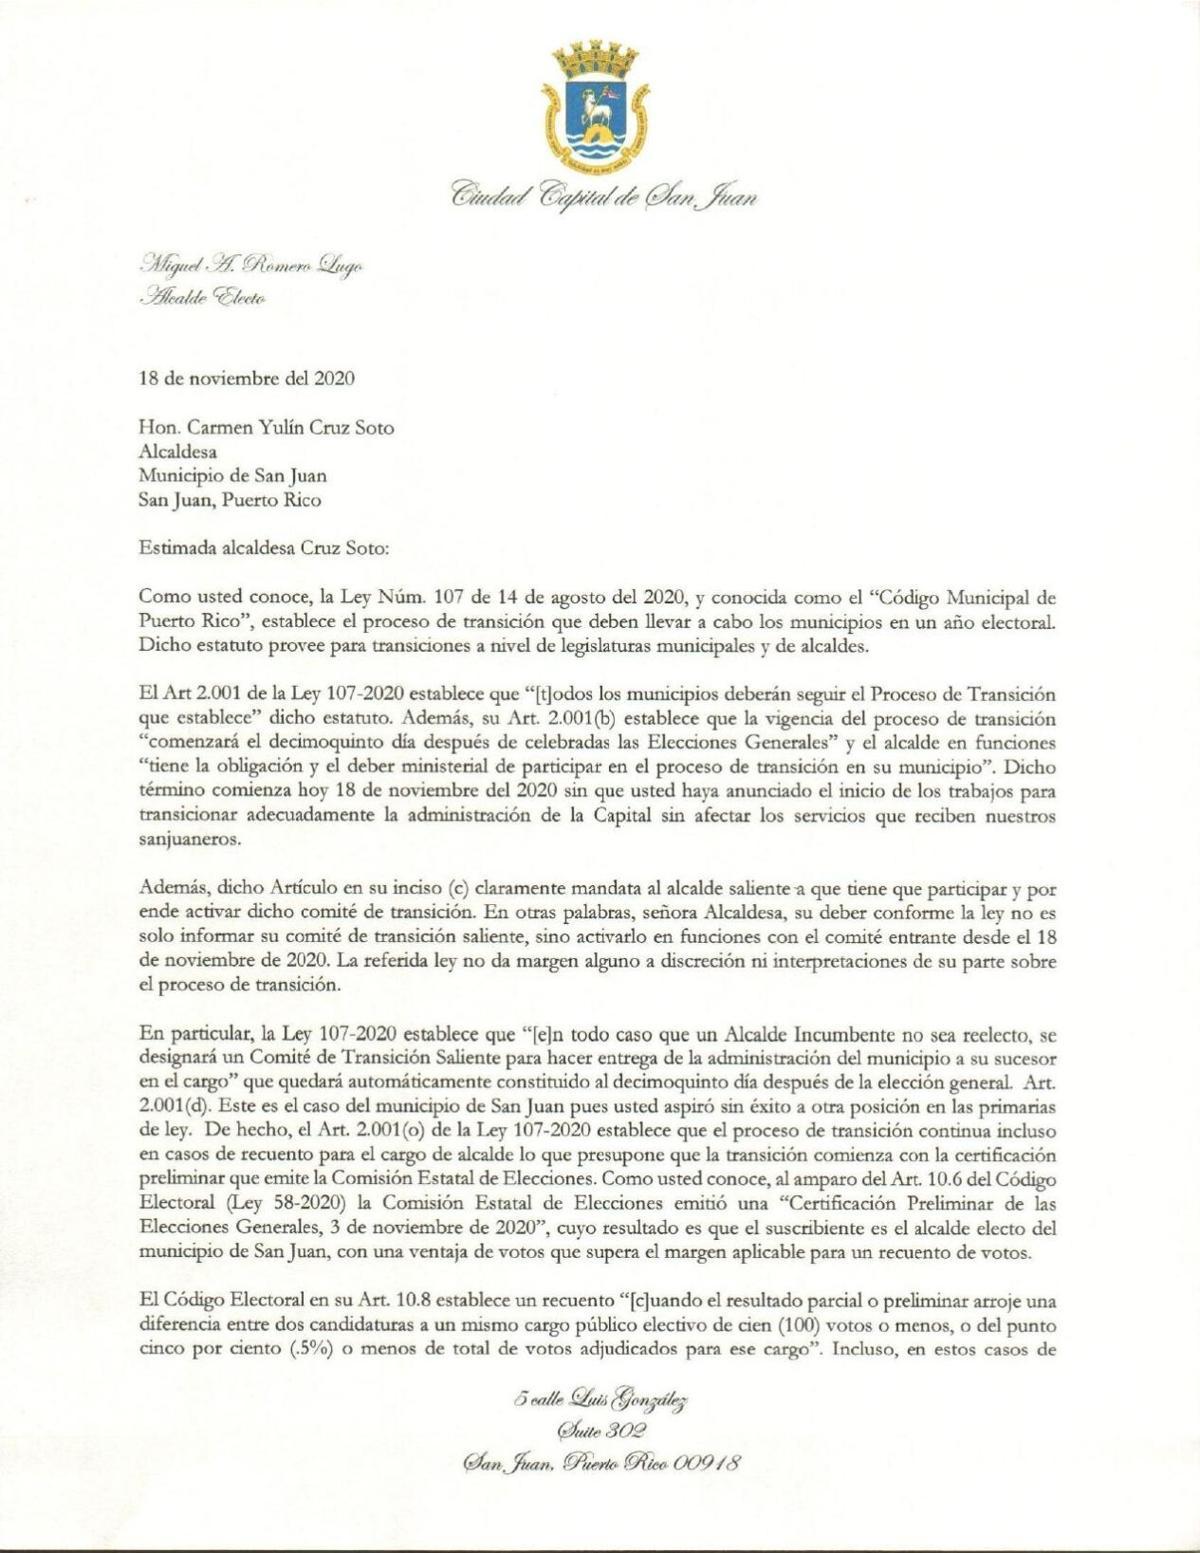 Carta de Romero a Yulín